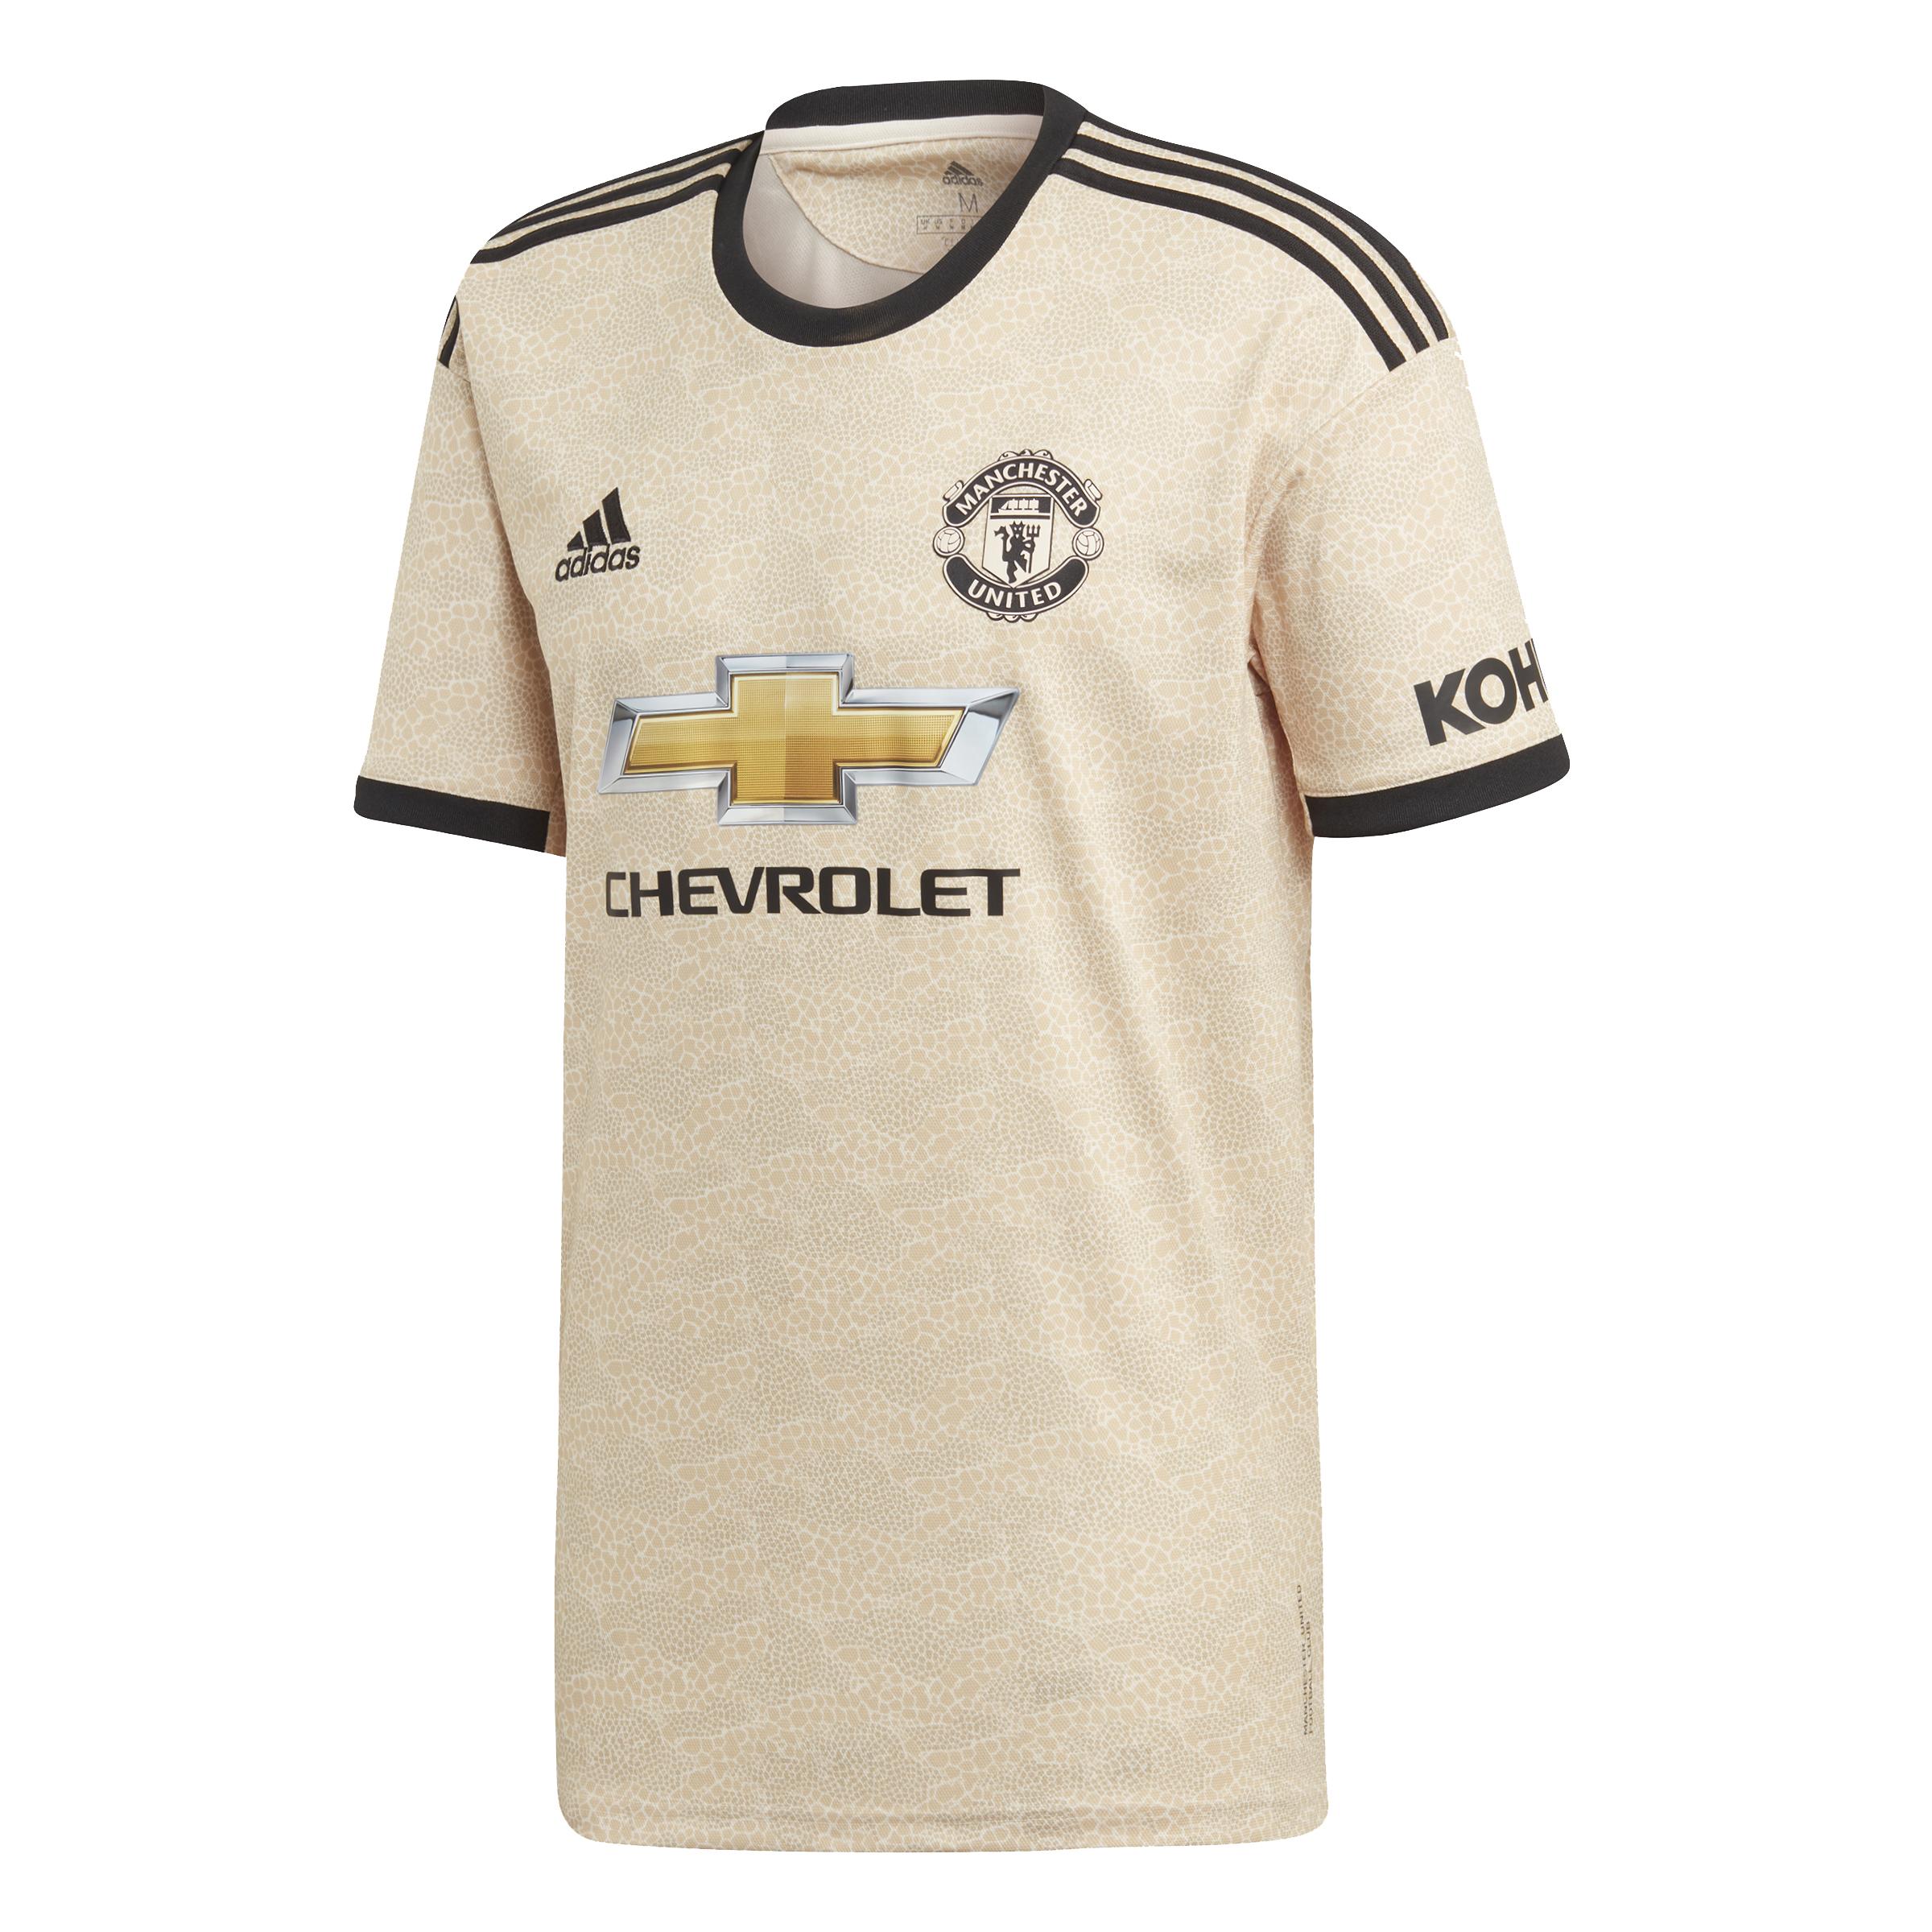 grand choix de c0dfd c64a0 Adidas Manchester United Adult's Away Shirt 2019-20